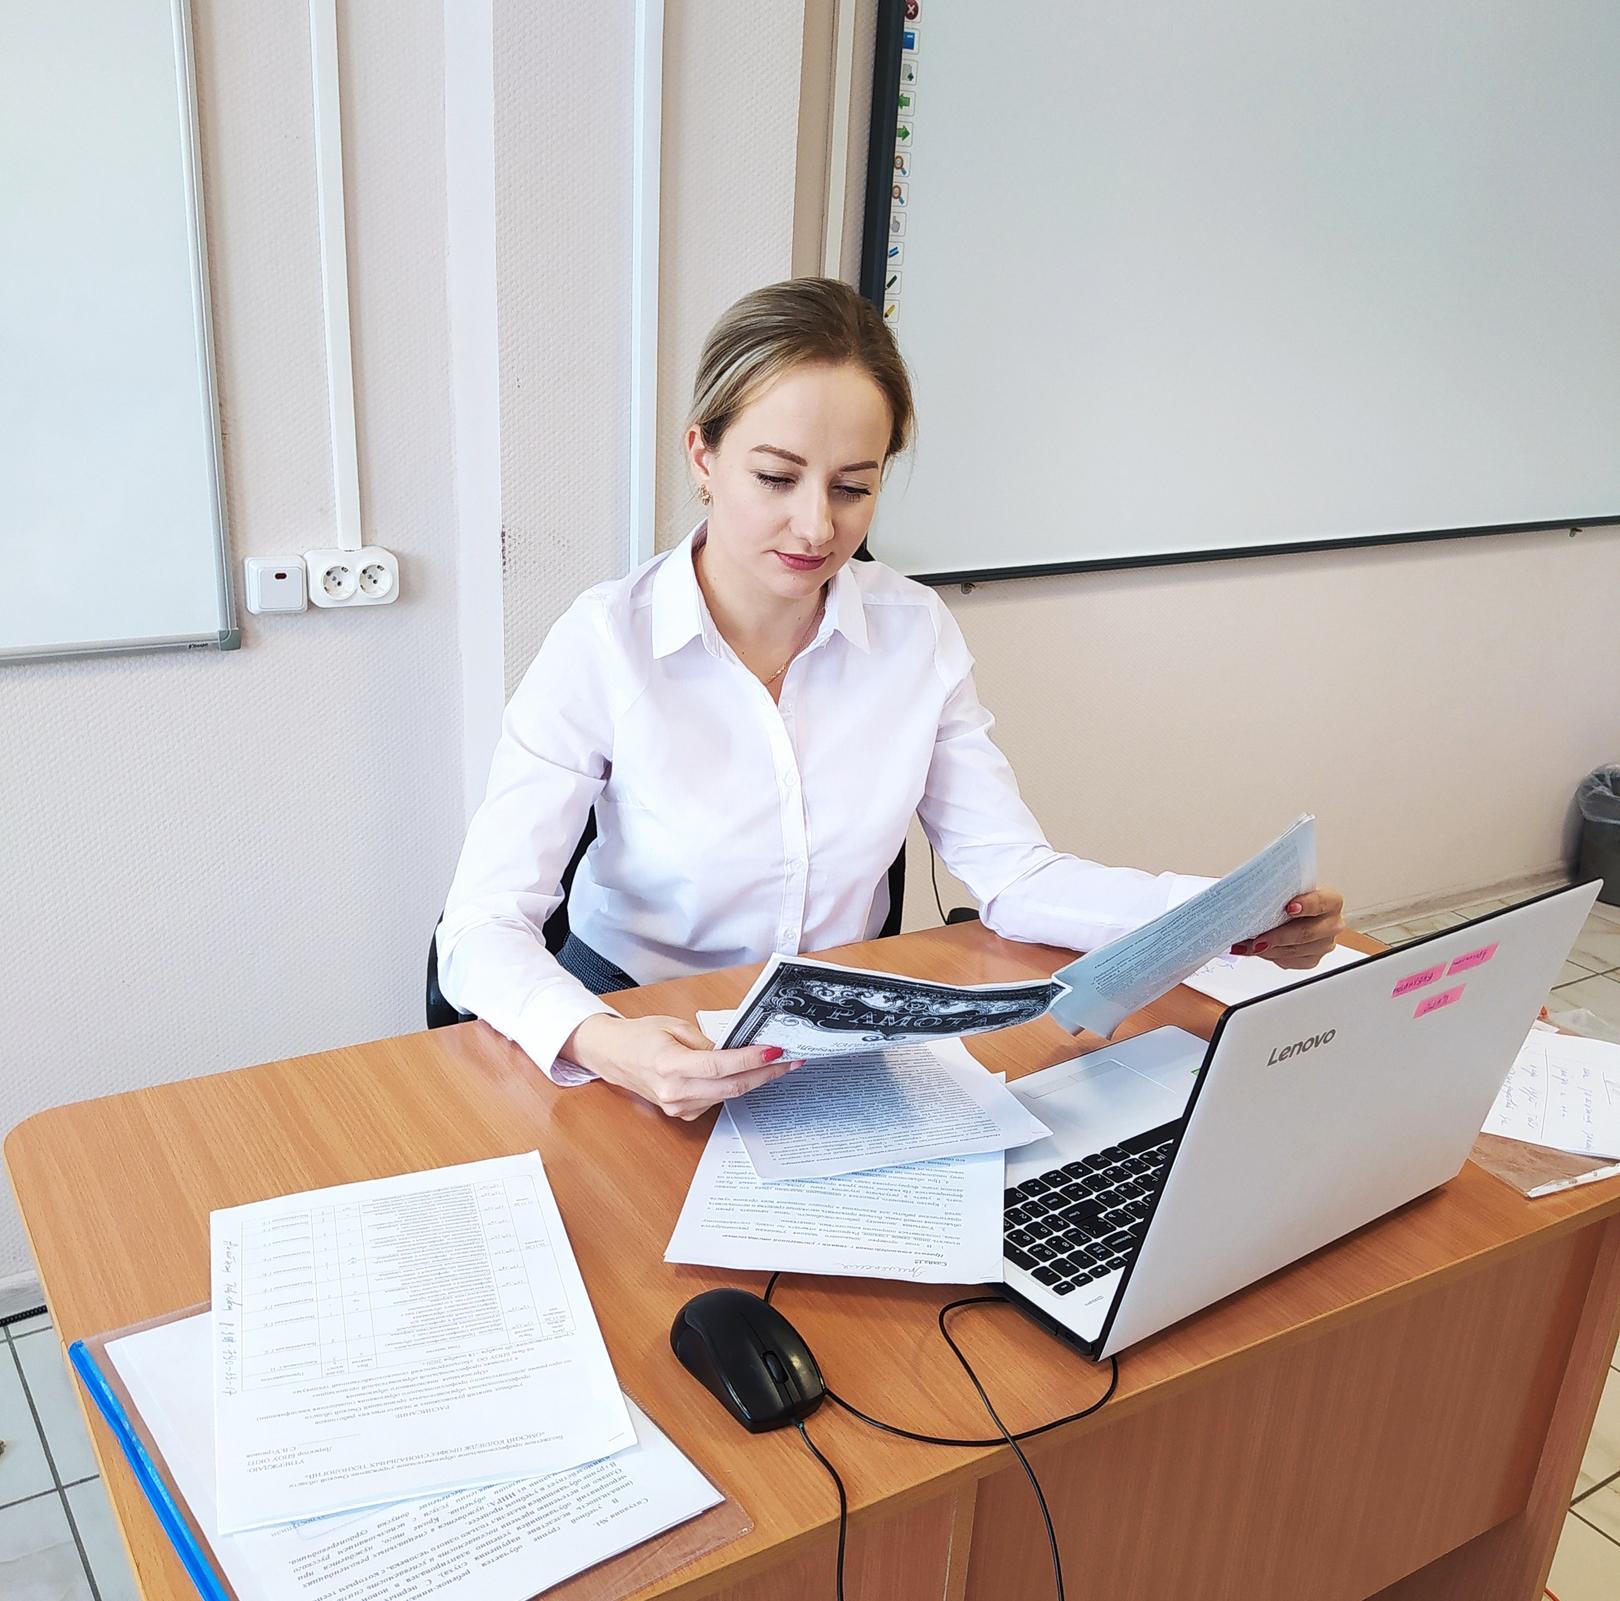 Повышение квалификации педагогов в период пандемии